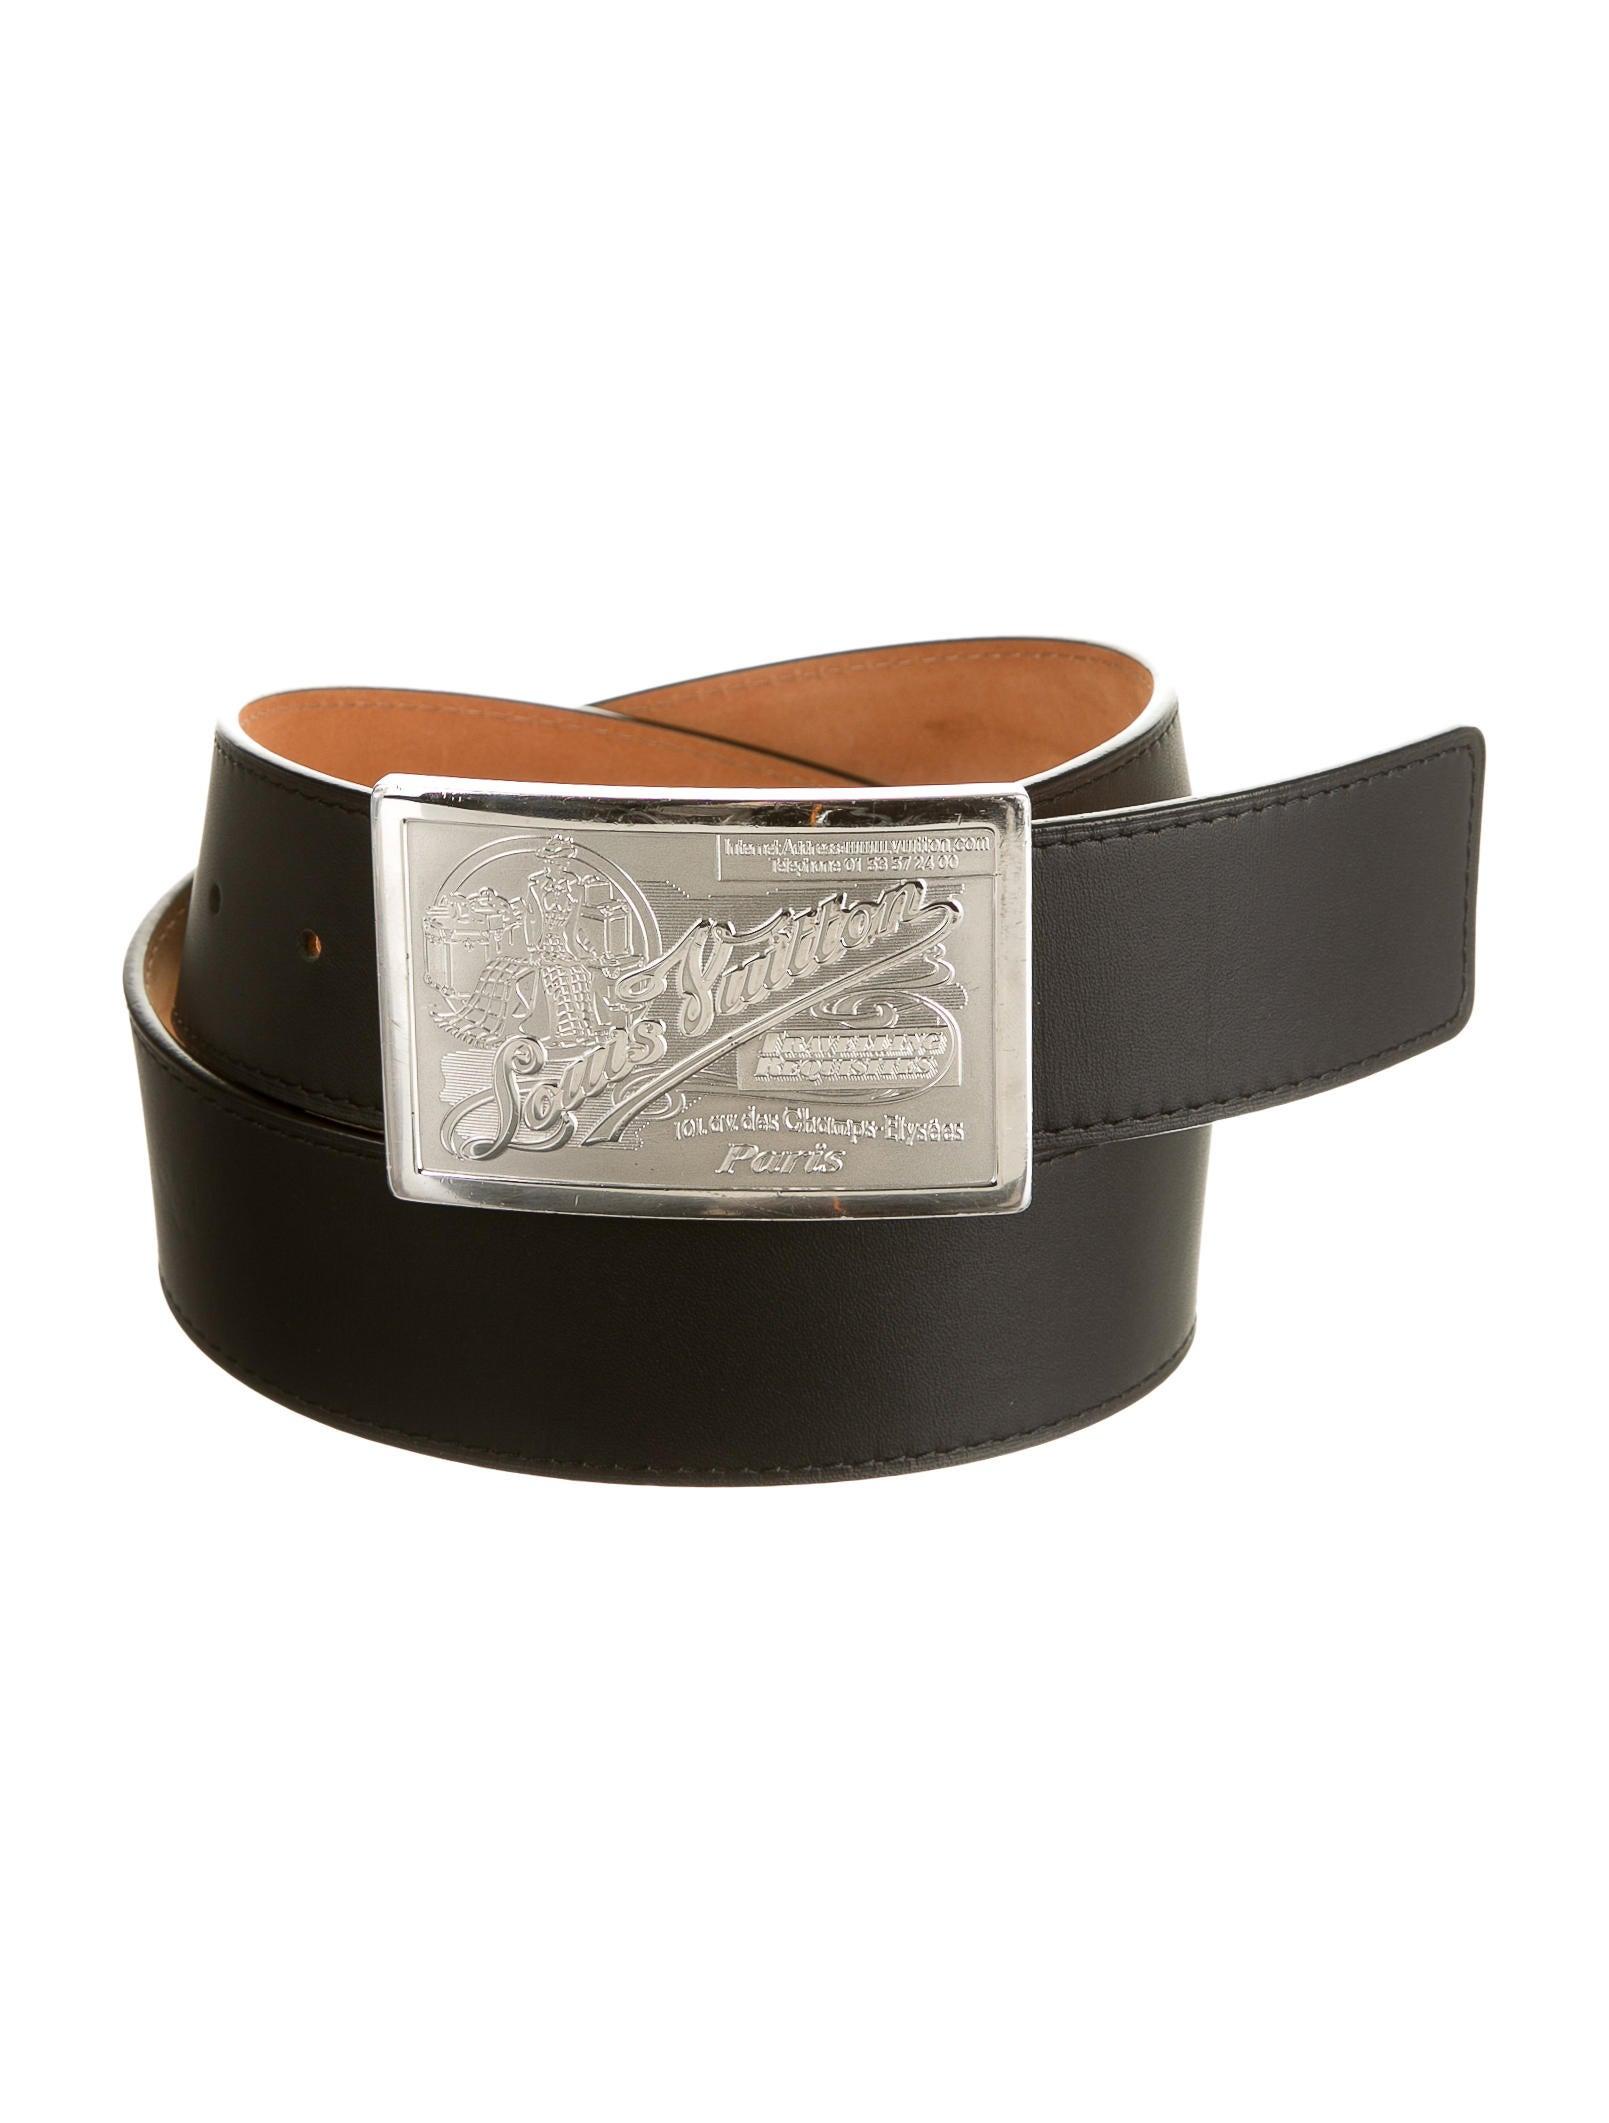 d2c858f644f5 Louis Vuitton Travelling Requisites Belt - Accessories - LOU36534 ...